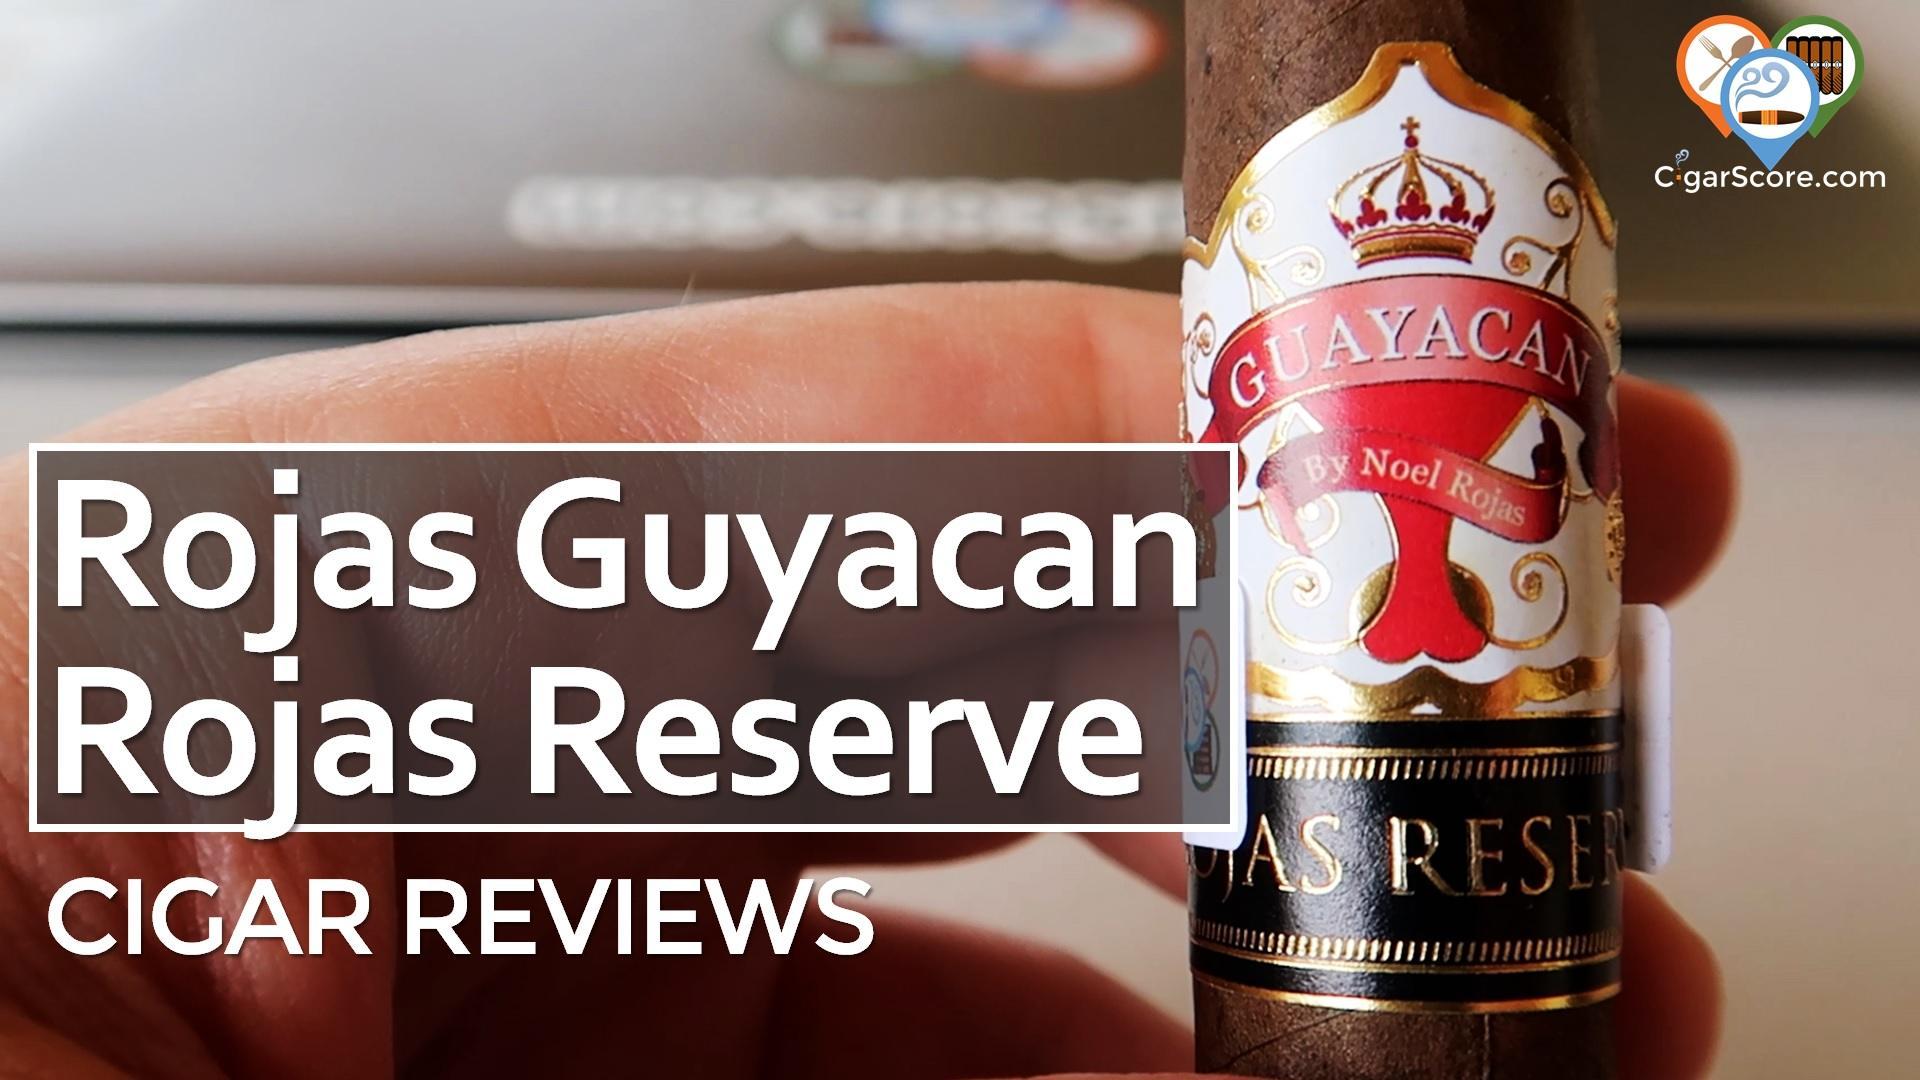 Cigar Review - Rojas Guyacan Rojas Reserve